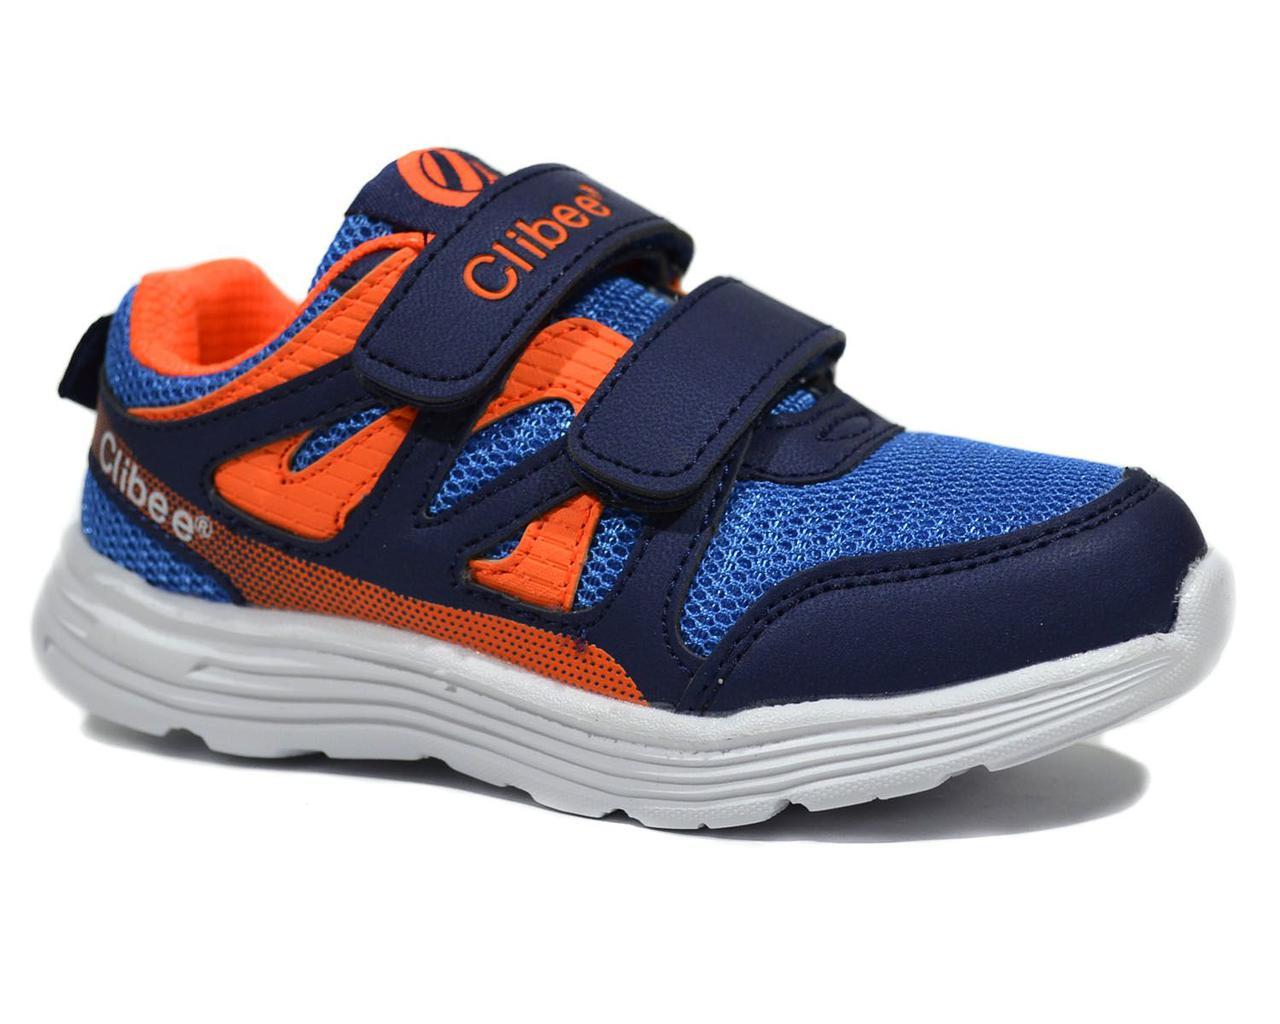 bd54b4e13e92 Яркие кроссовки на мальчика с перфорацией Clibee 26-31 р за 375 грн ...